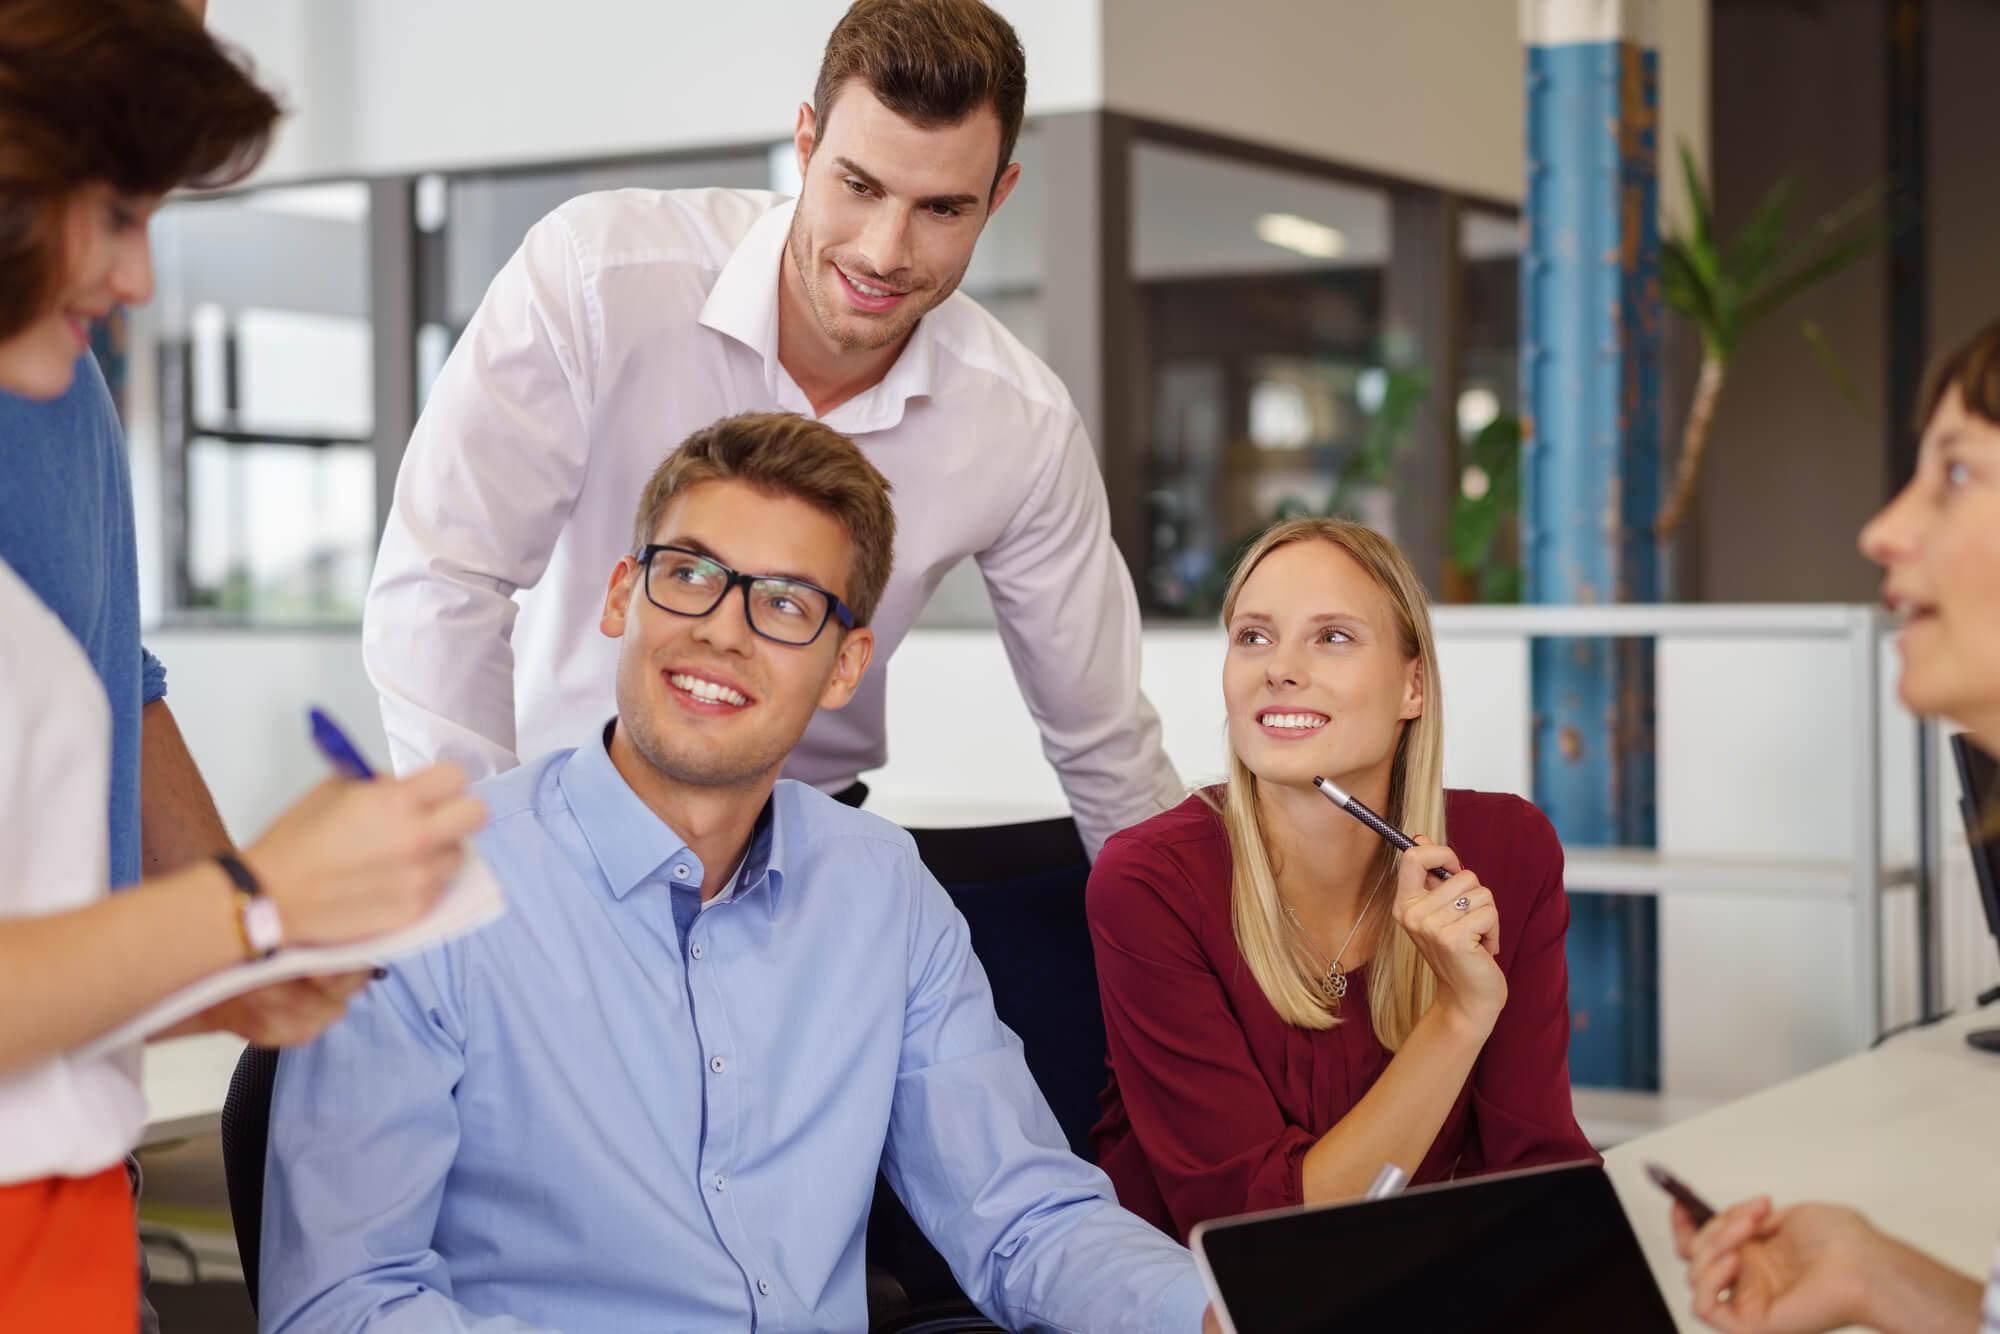 O papel da liderança: líderes precisam estar engajado e treinados